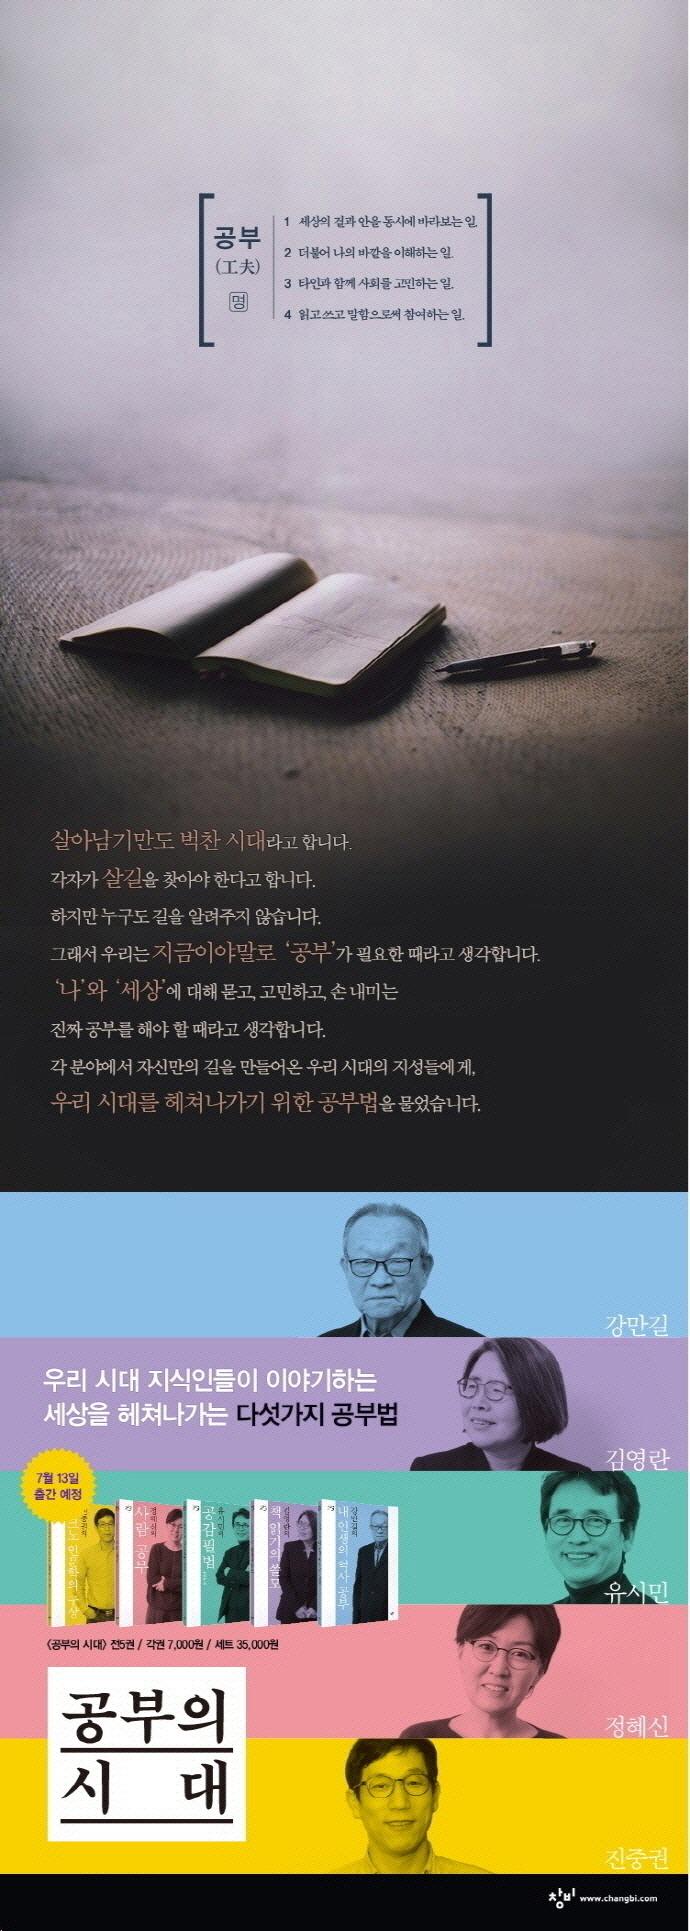 진중권의 테크노 인문학의 구상(공부의 시대)(양장본 HardCover) 도서 상세이미지